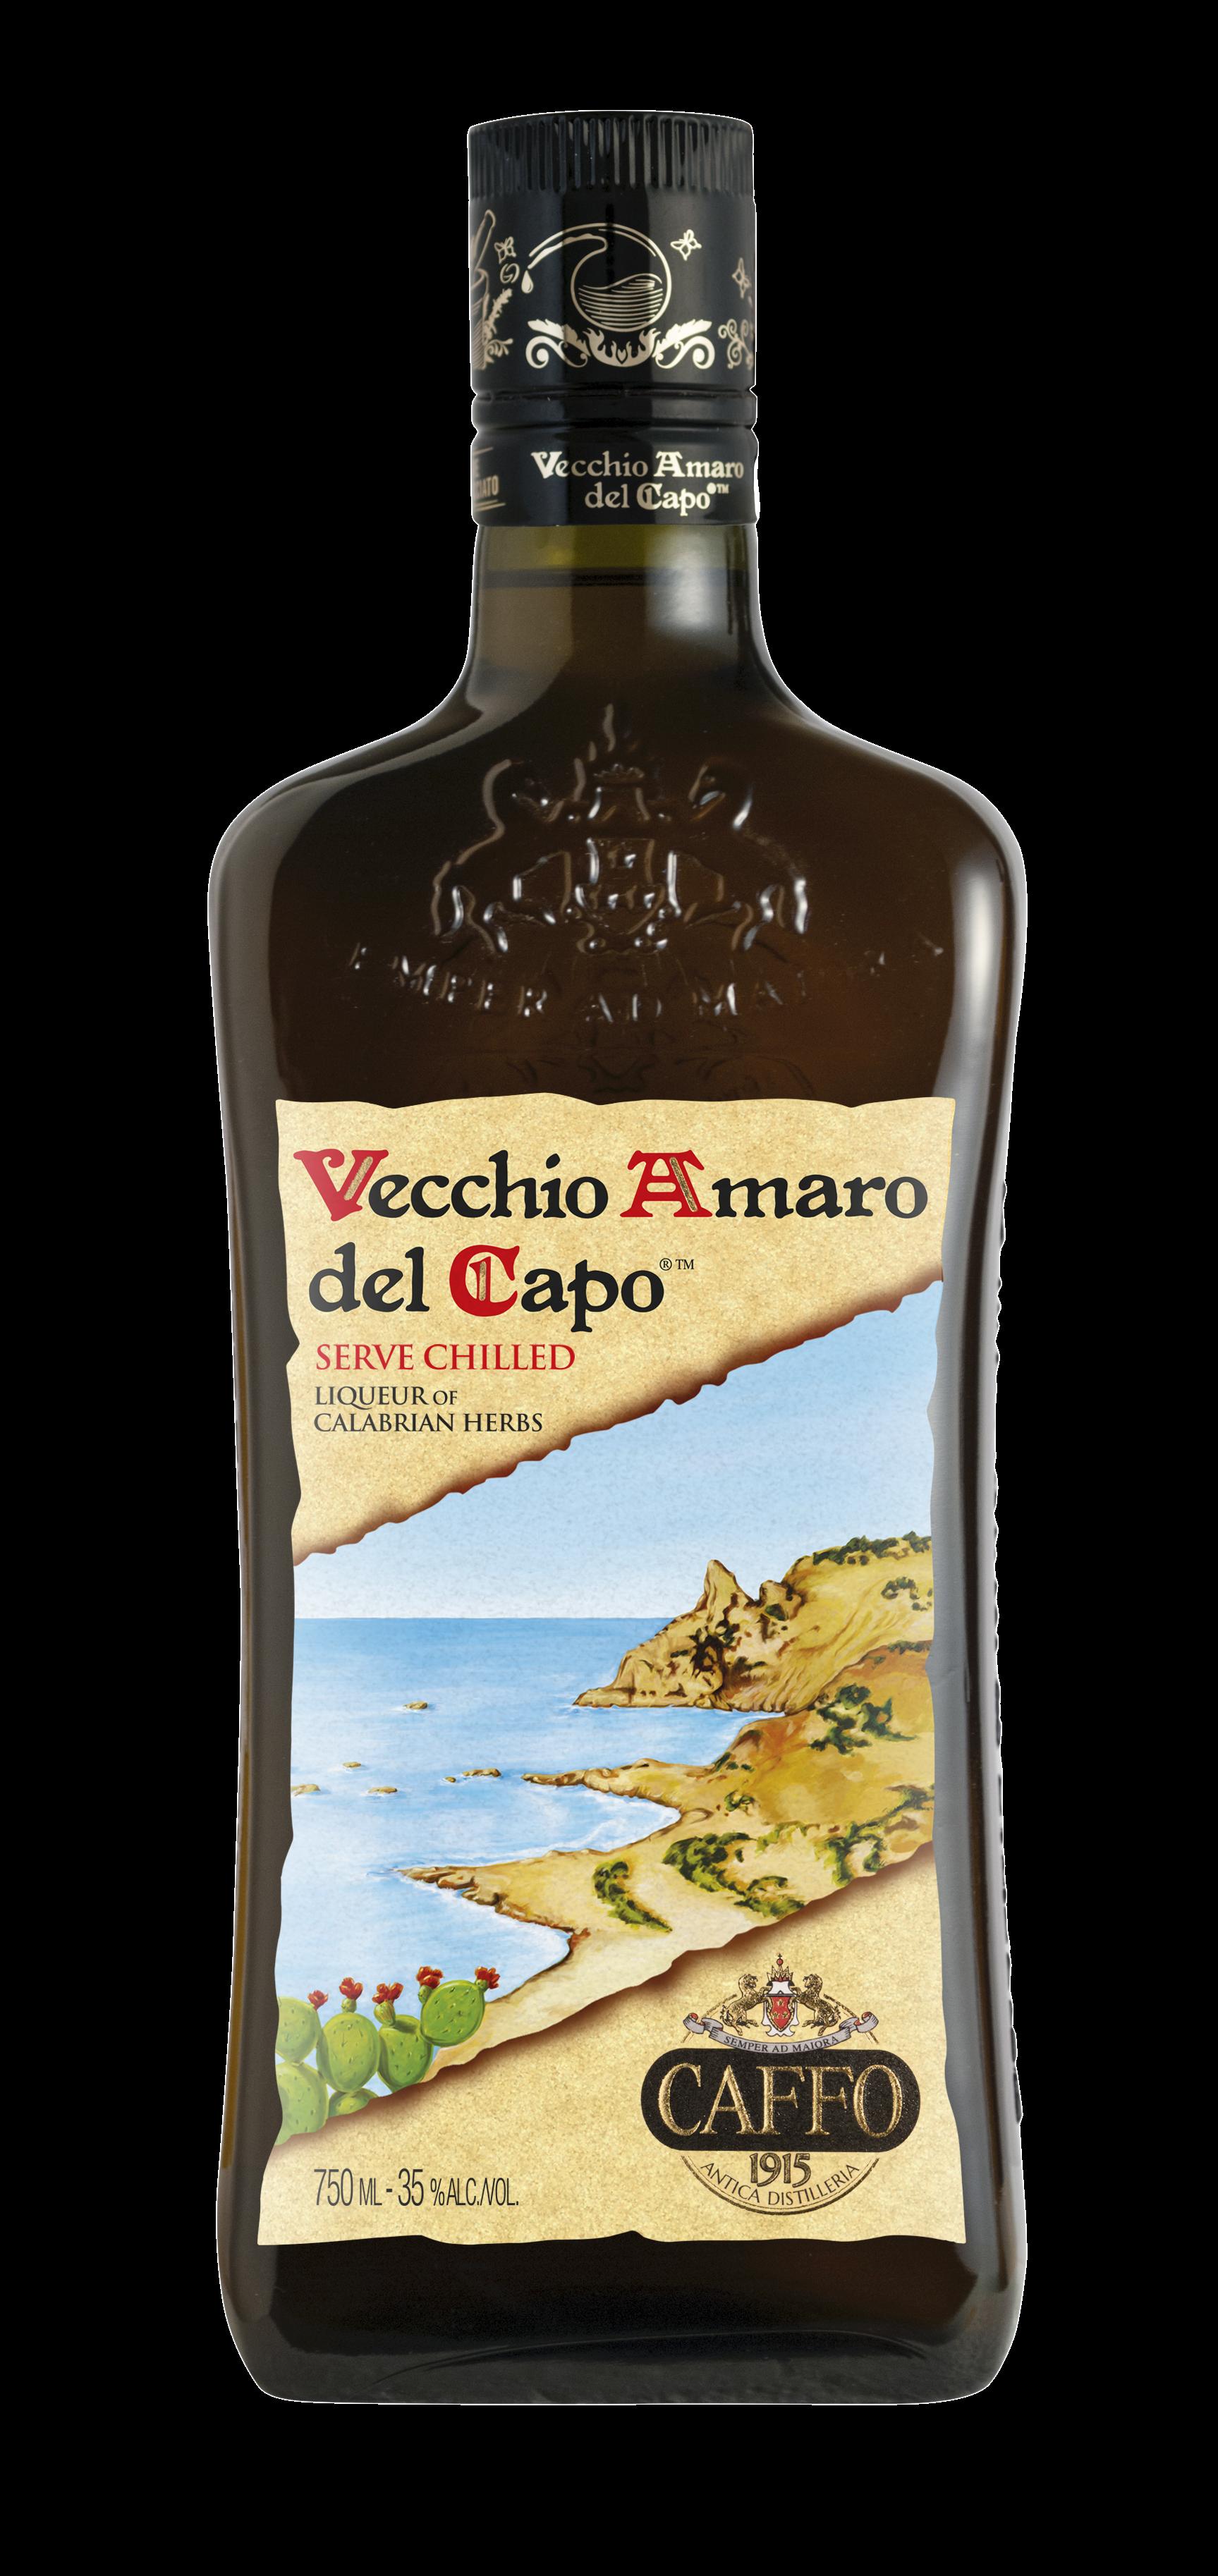 Vecchio Amaro del Capo Photo